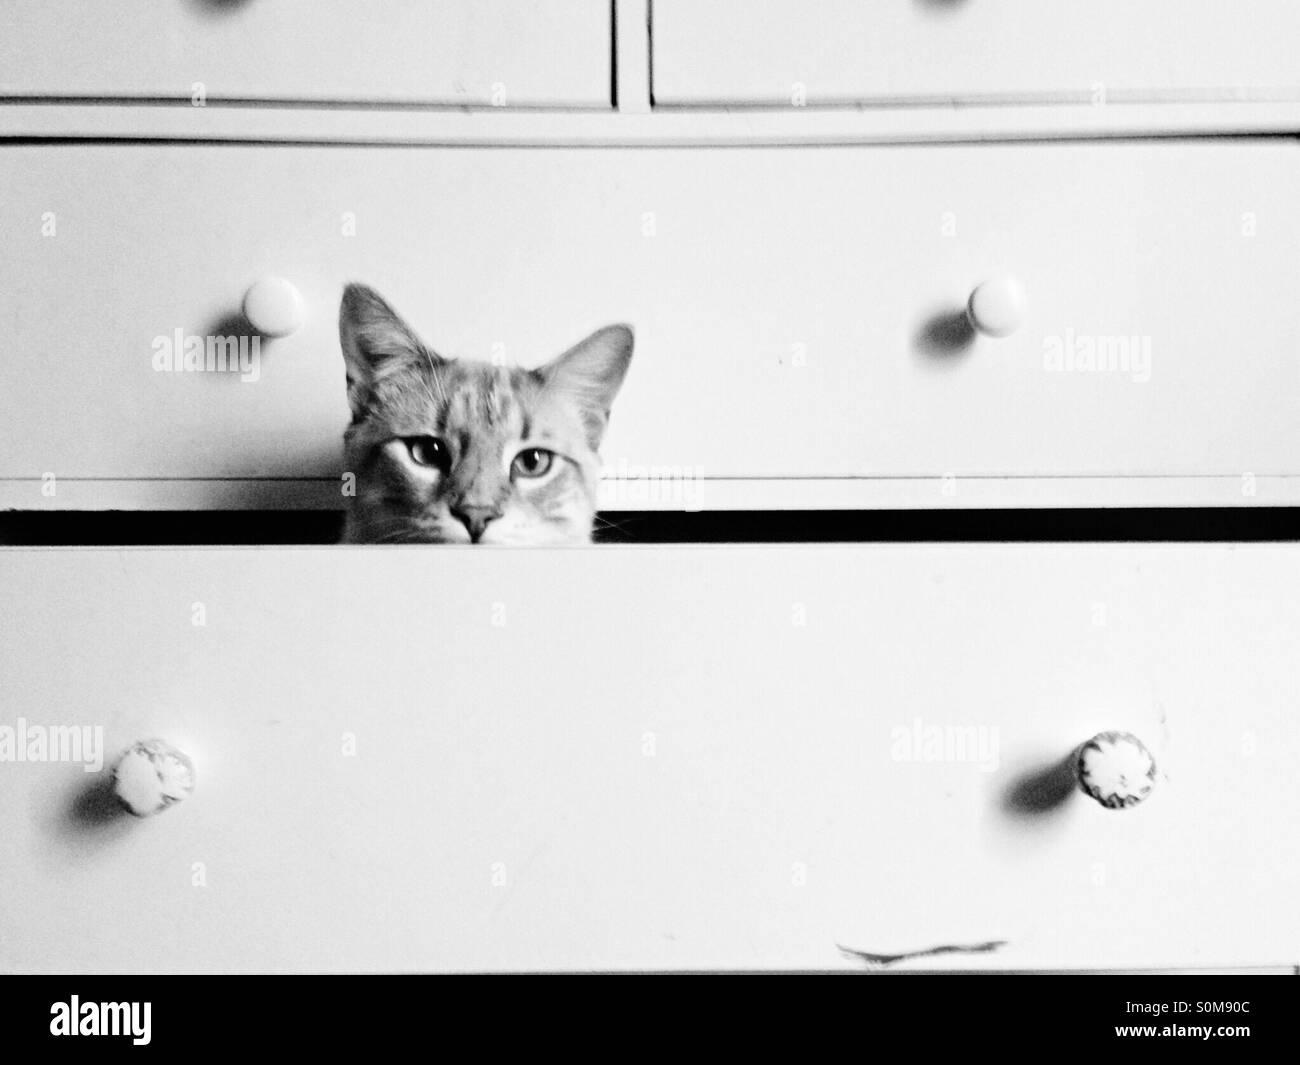 Gatto che si nasconde in un certo vuoto cassettiera cassetti. Immagini Stock